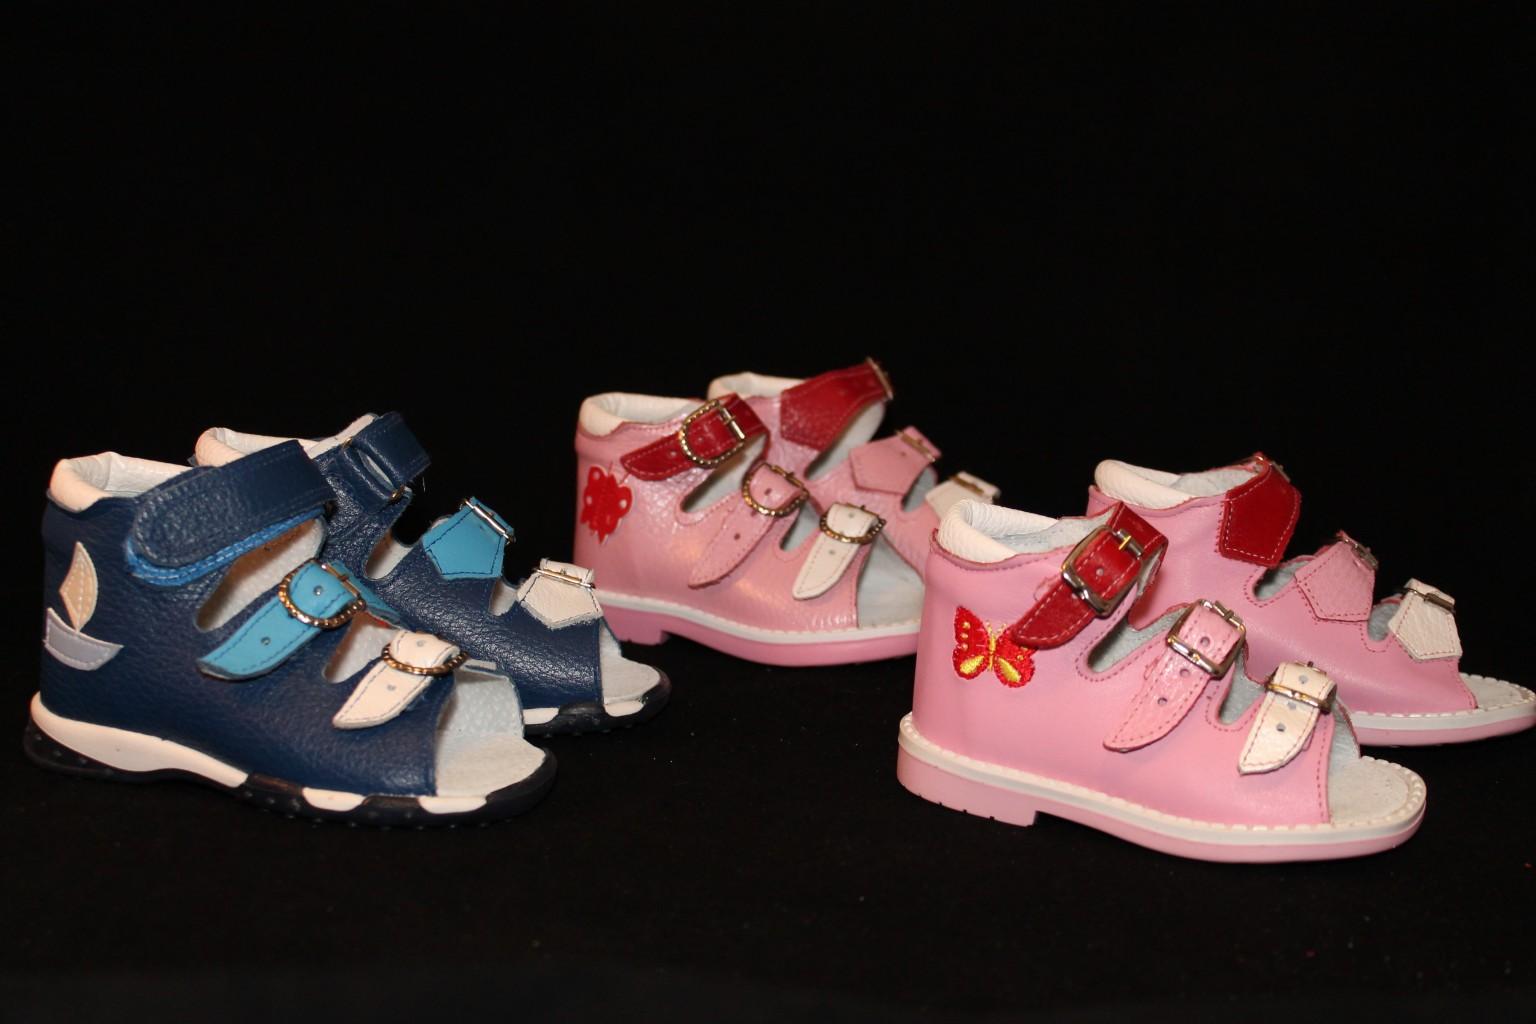 Детская обувь. Домашняя, спортивная, ортопедическая и на каждый день! От производителя. ОРТО 550 руб. Без рядов.